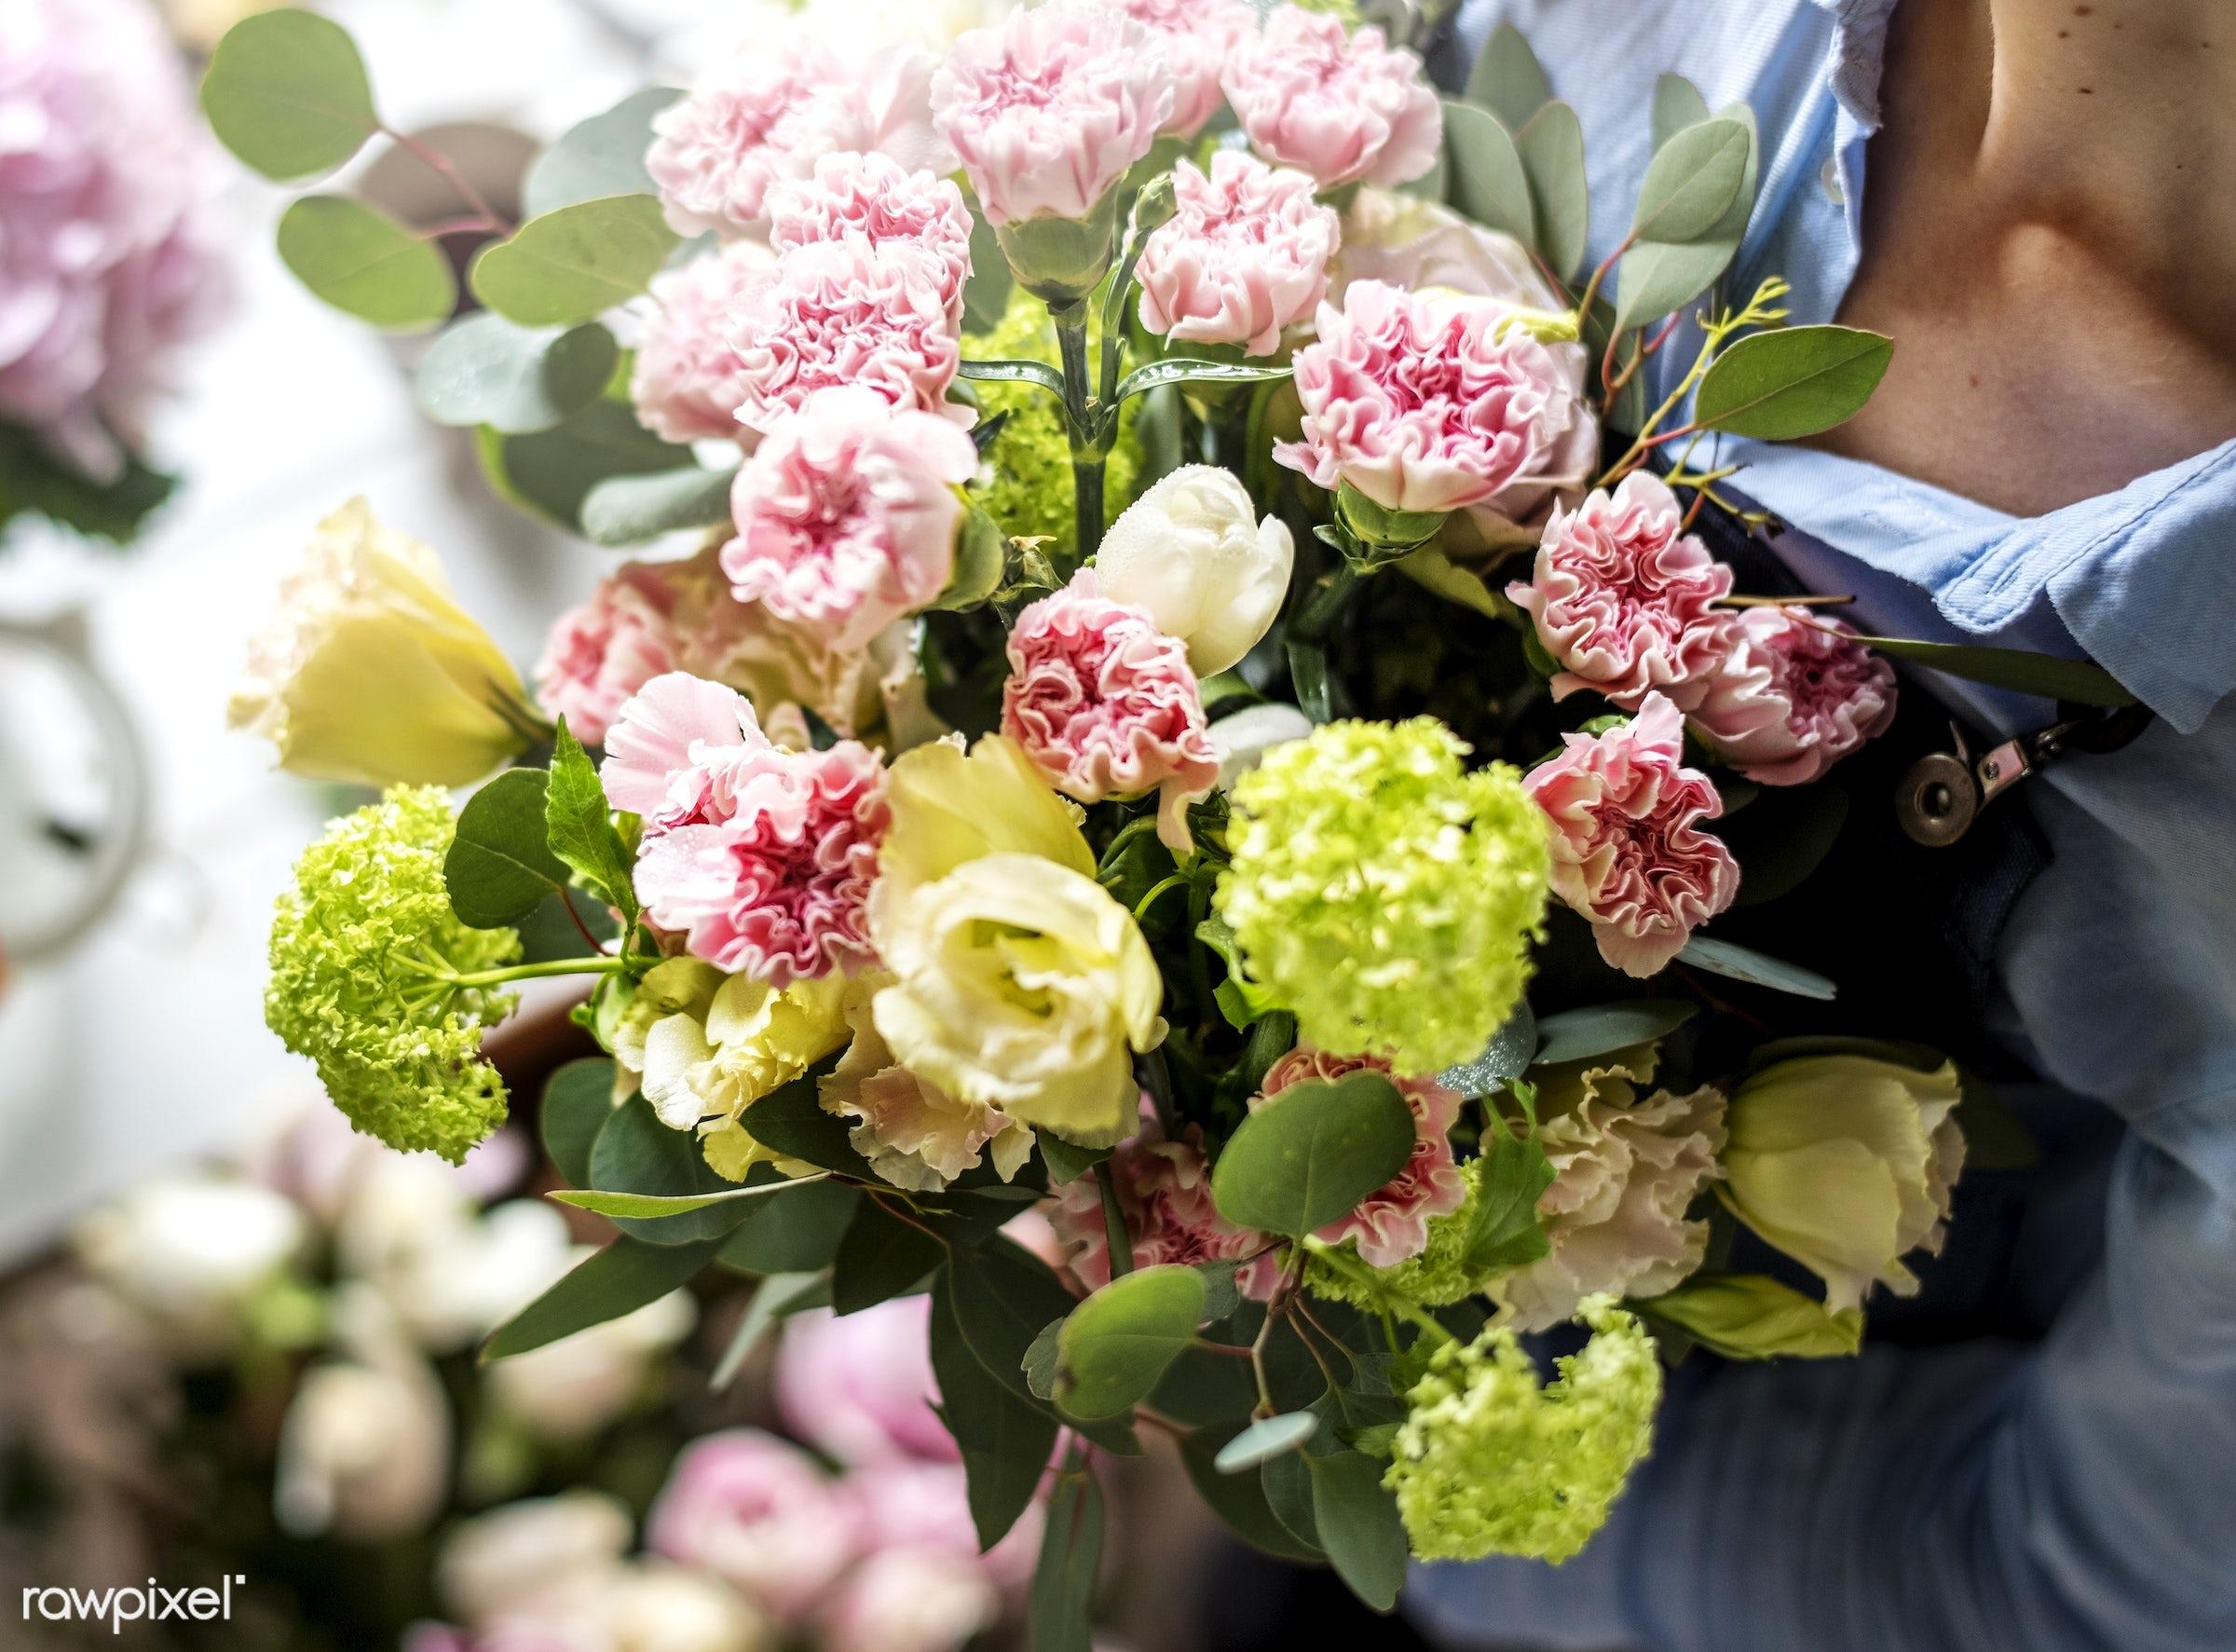 bouquet, shop, detail, person, hydrangea, decor, nature, woman, flowers, work, refreshment, carnation, florist, present,...